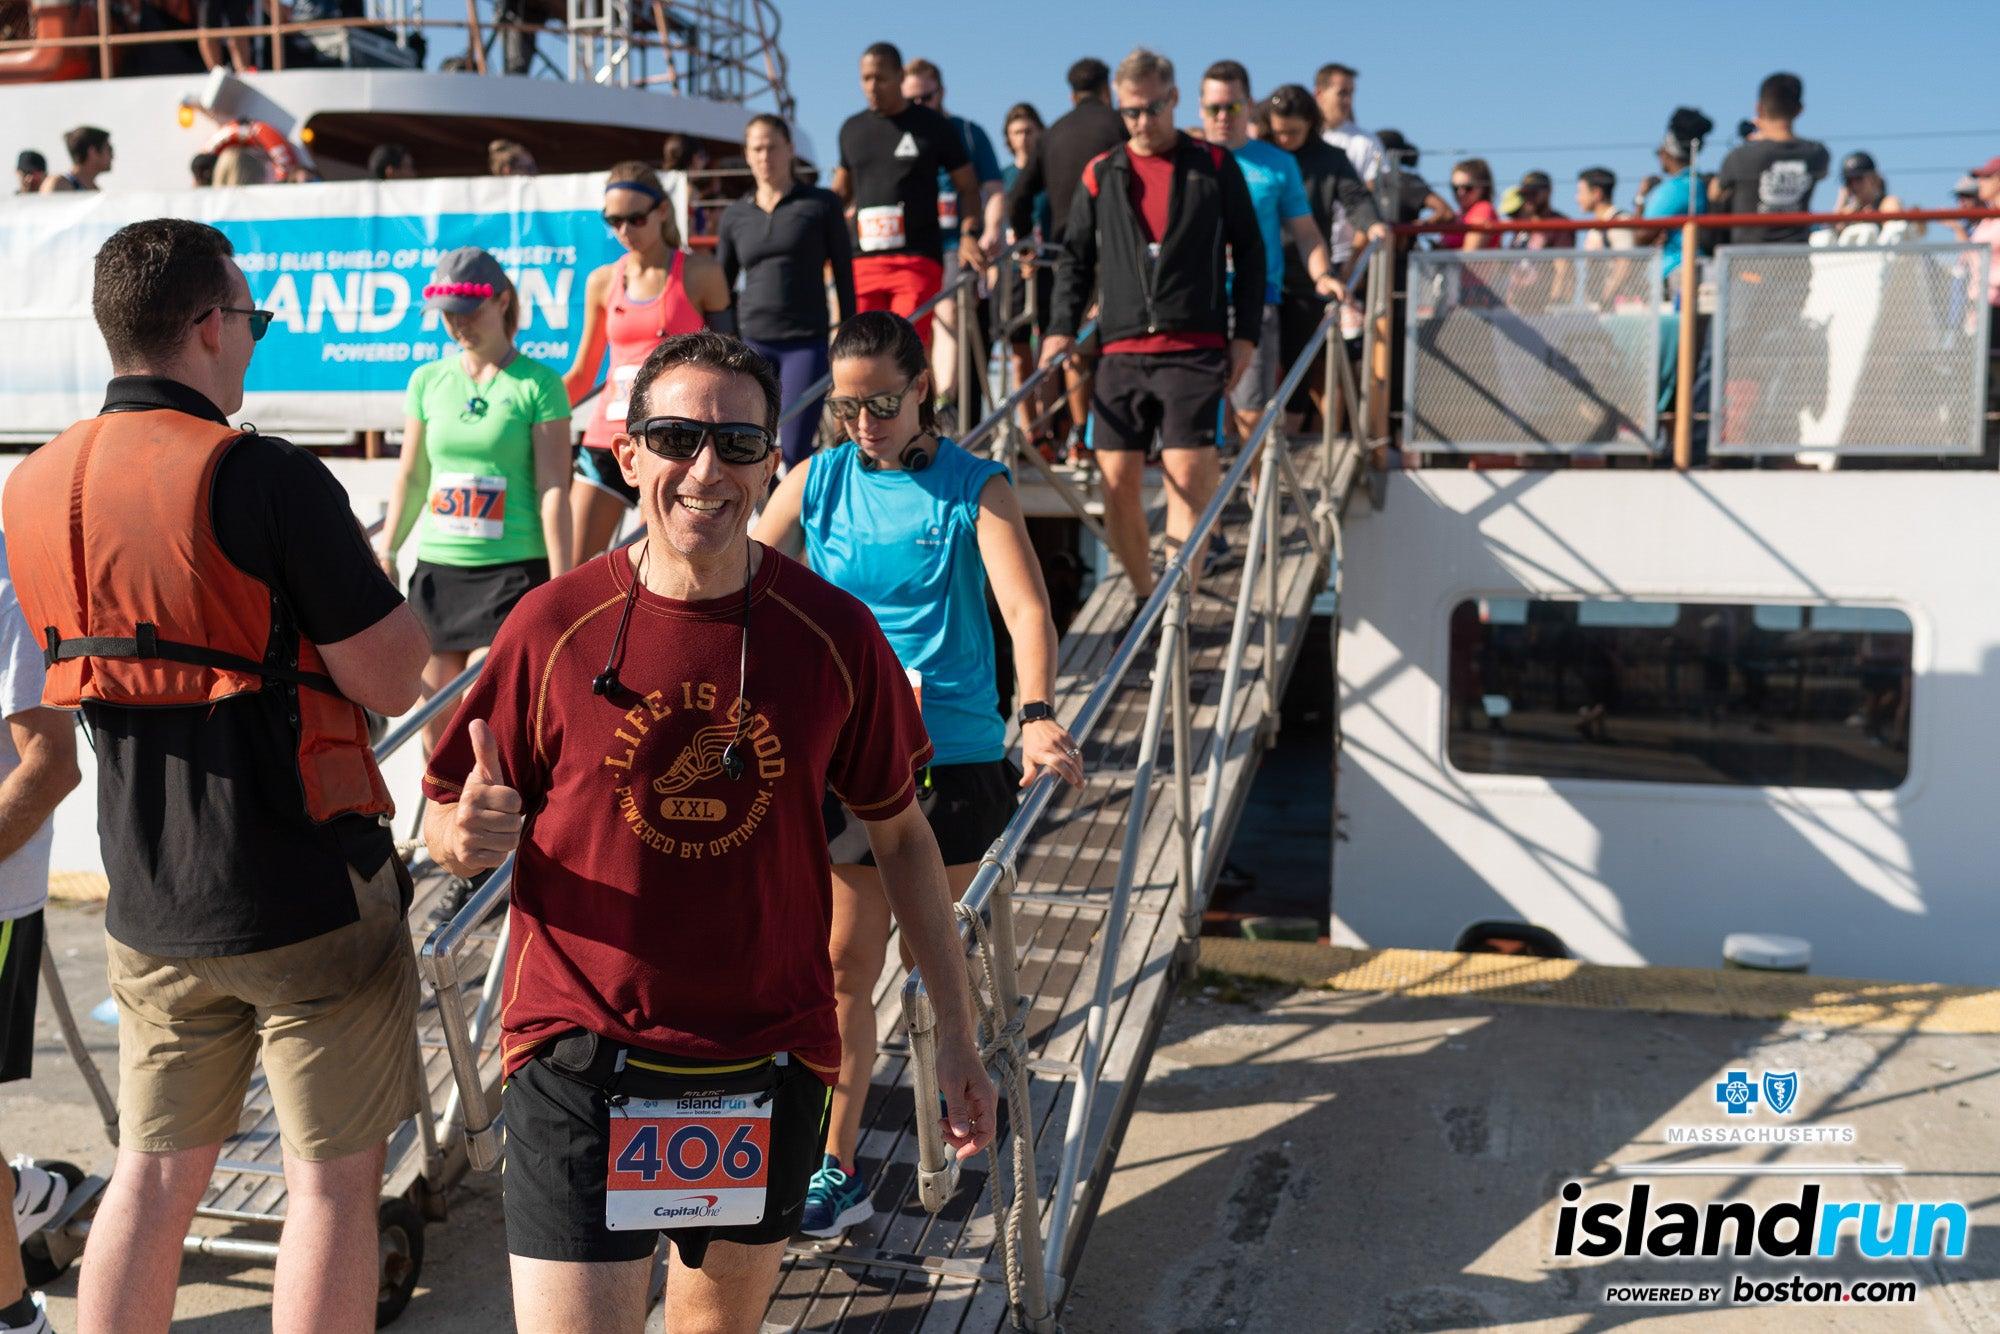 Island Run on Sept. 21, 2019.